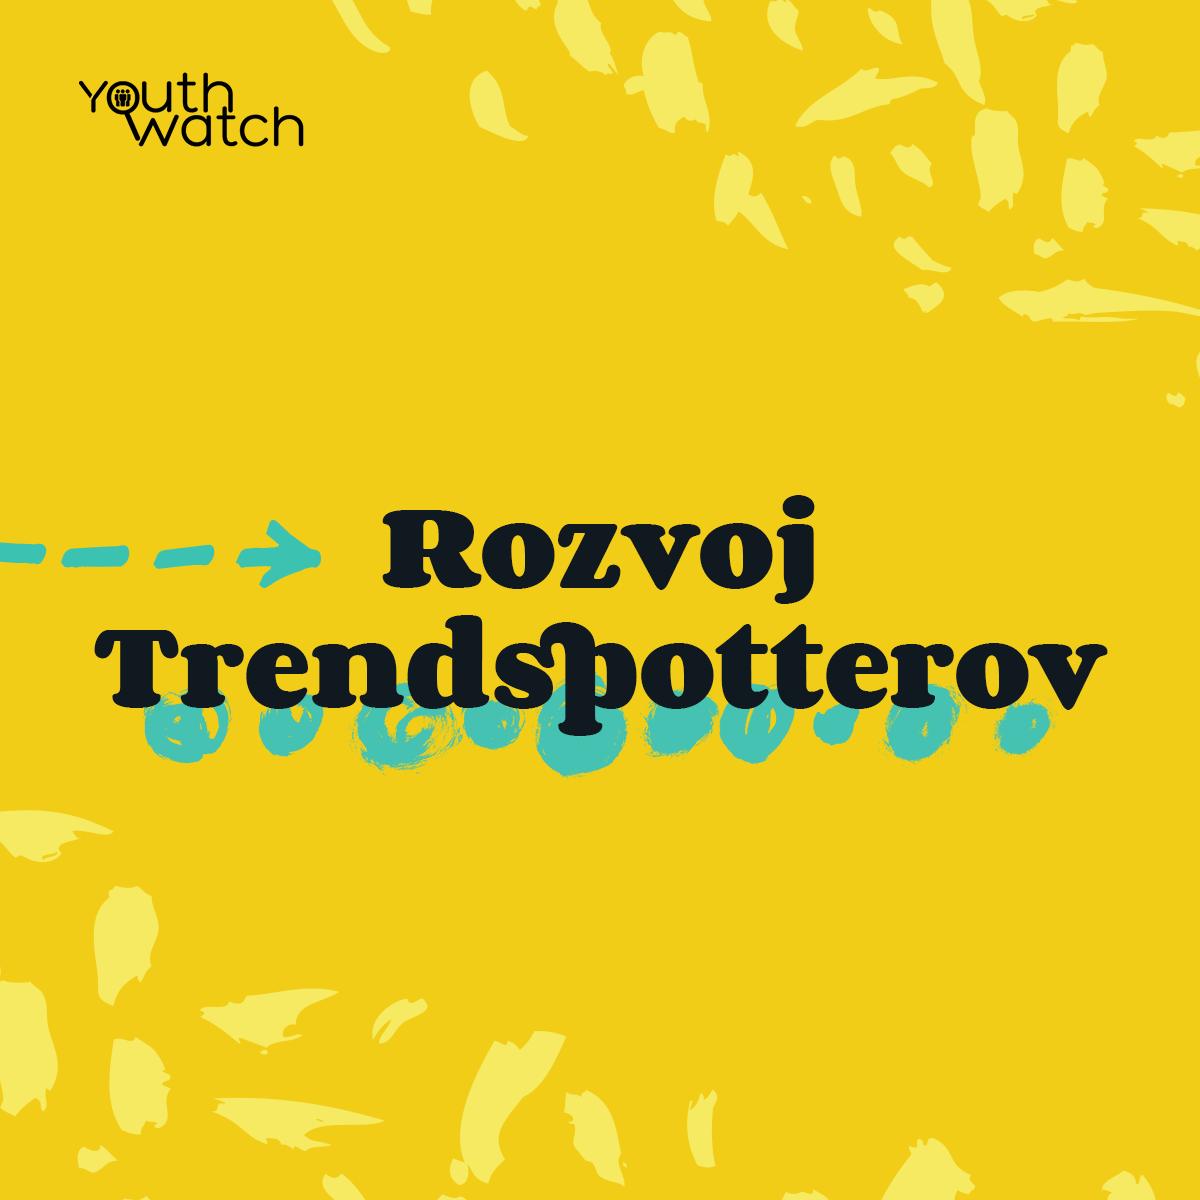 Rozvoj Trendspotterov